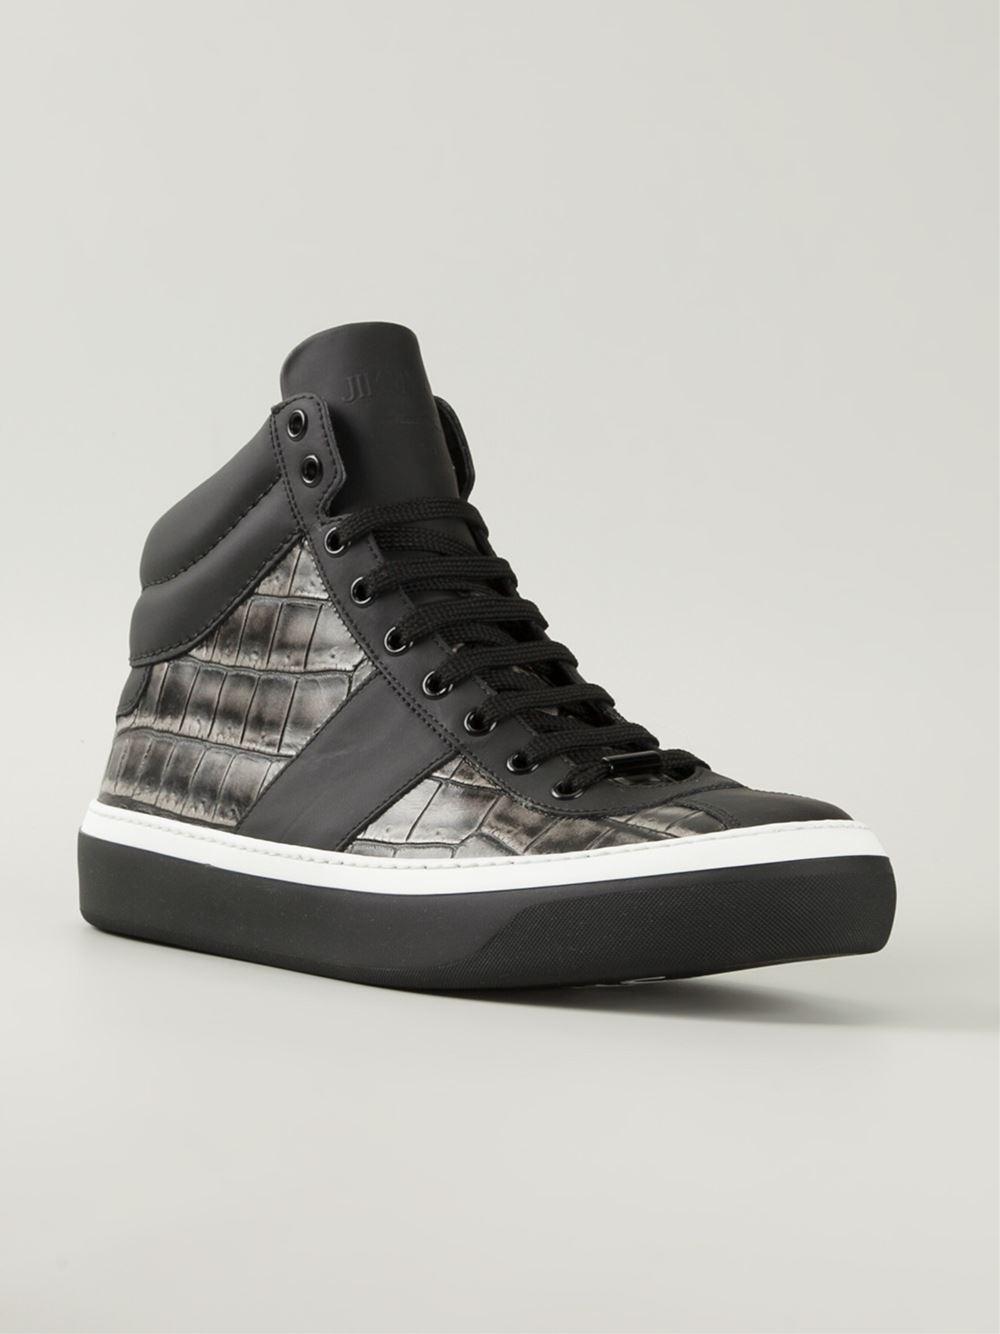 Jimmy Choo Belgravia High-Top Sneakers